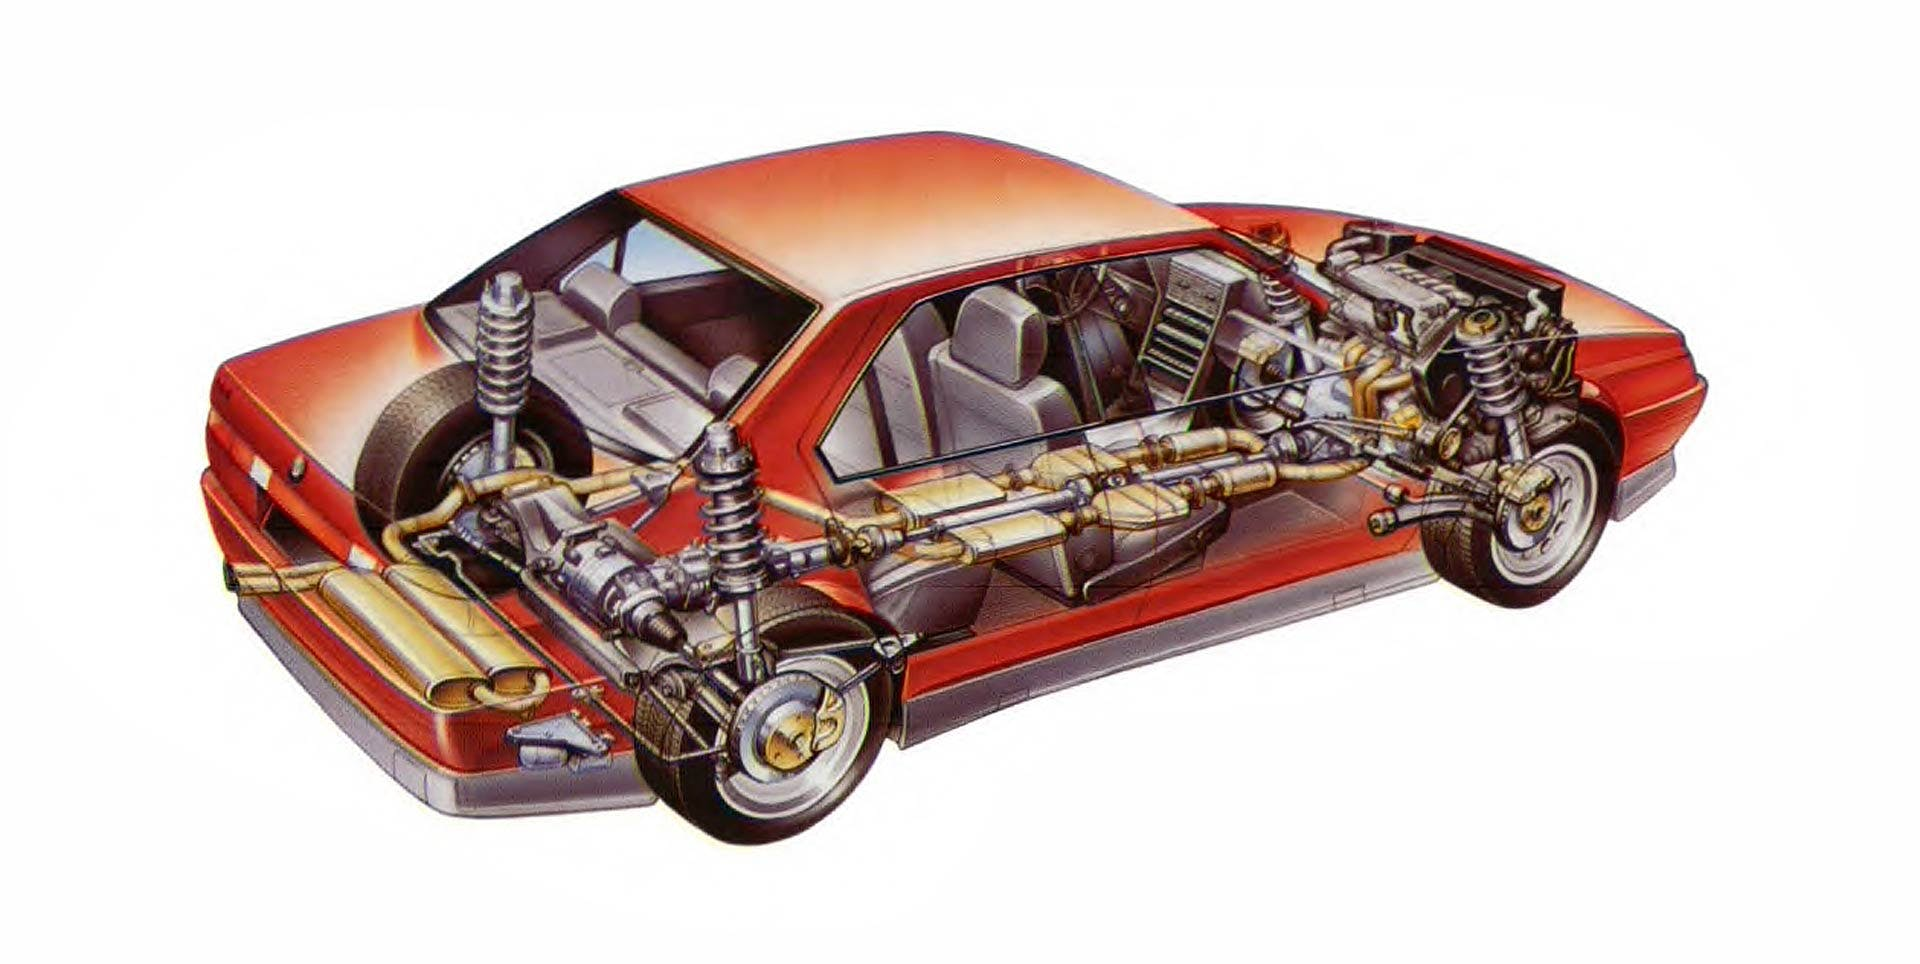 Alfa Romeo 164 Q4 schema in trasparenza con componenti e organi meccanici della trazione integrale